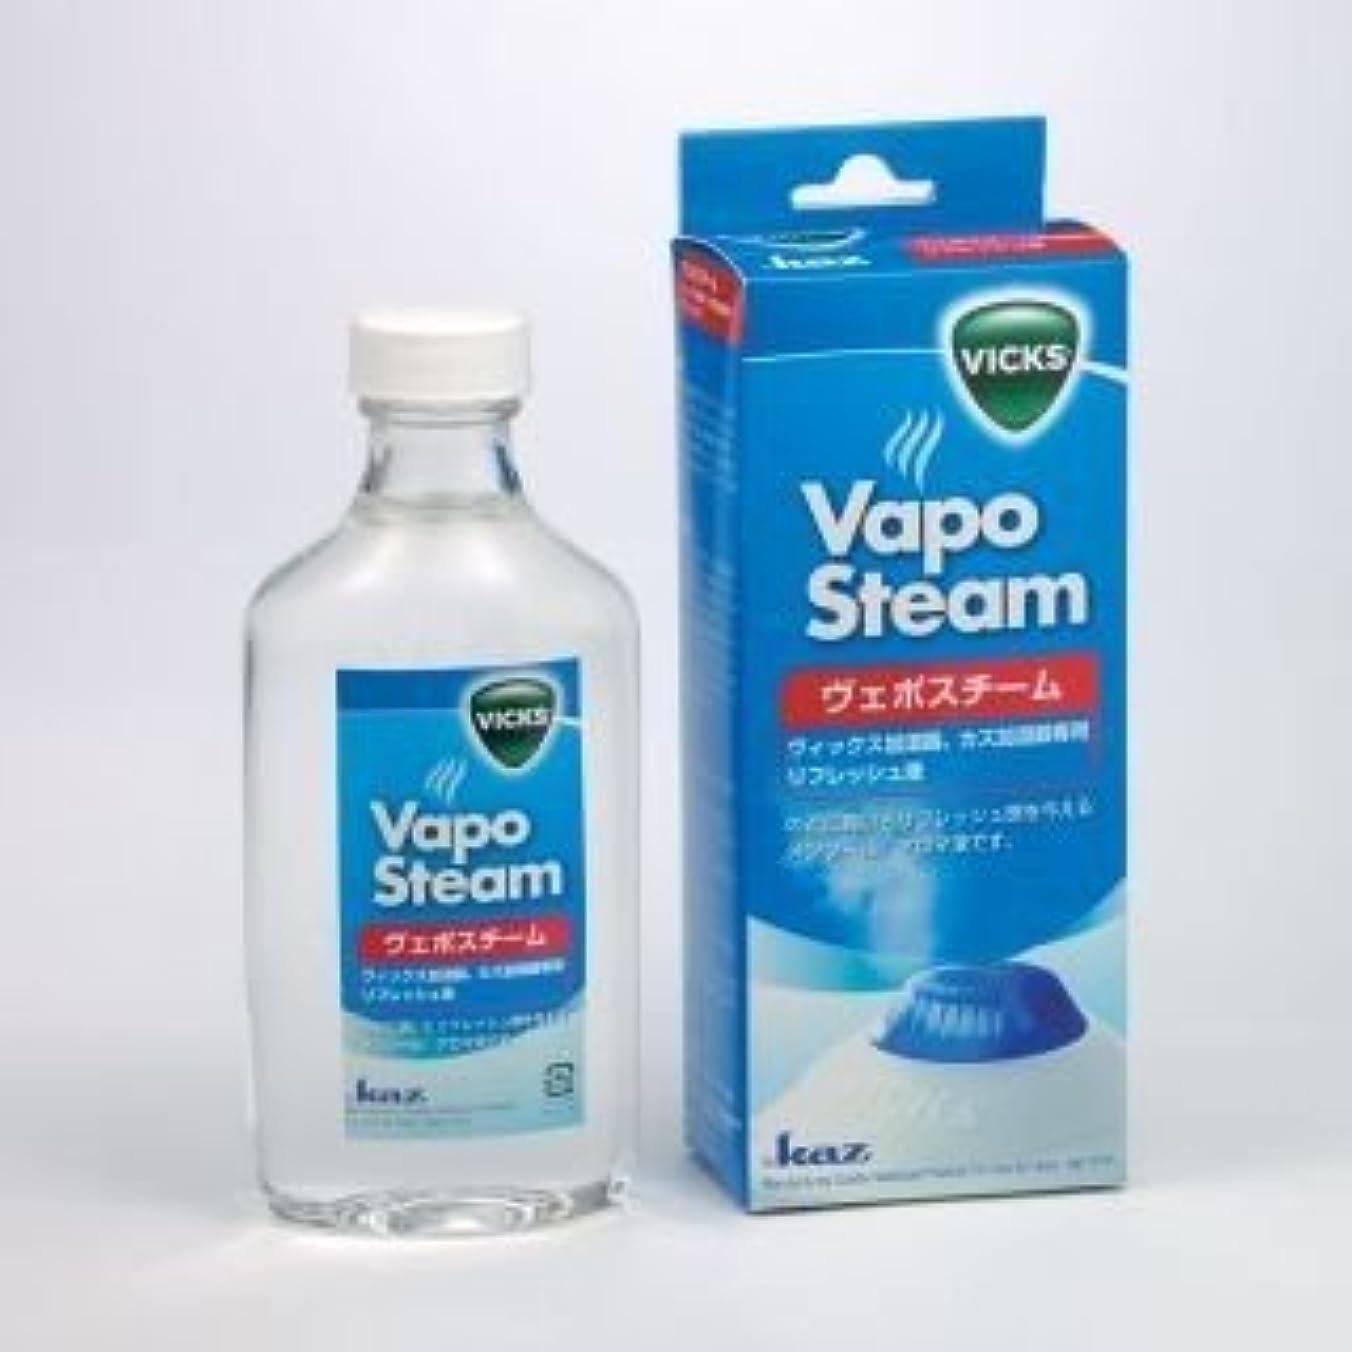 想定制限された医薬品喉に潤いとリフレッシュ感を与えるアロマテラピー液!加湿器から噴出されるスチームとともにメンソール成分の入ったリフレッシュ液の香りが一緒に発散!【3個セット】